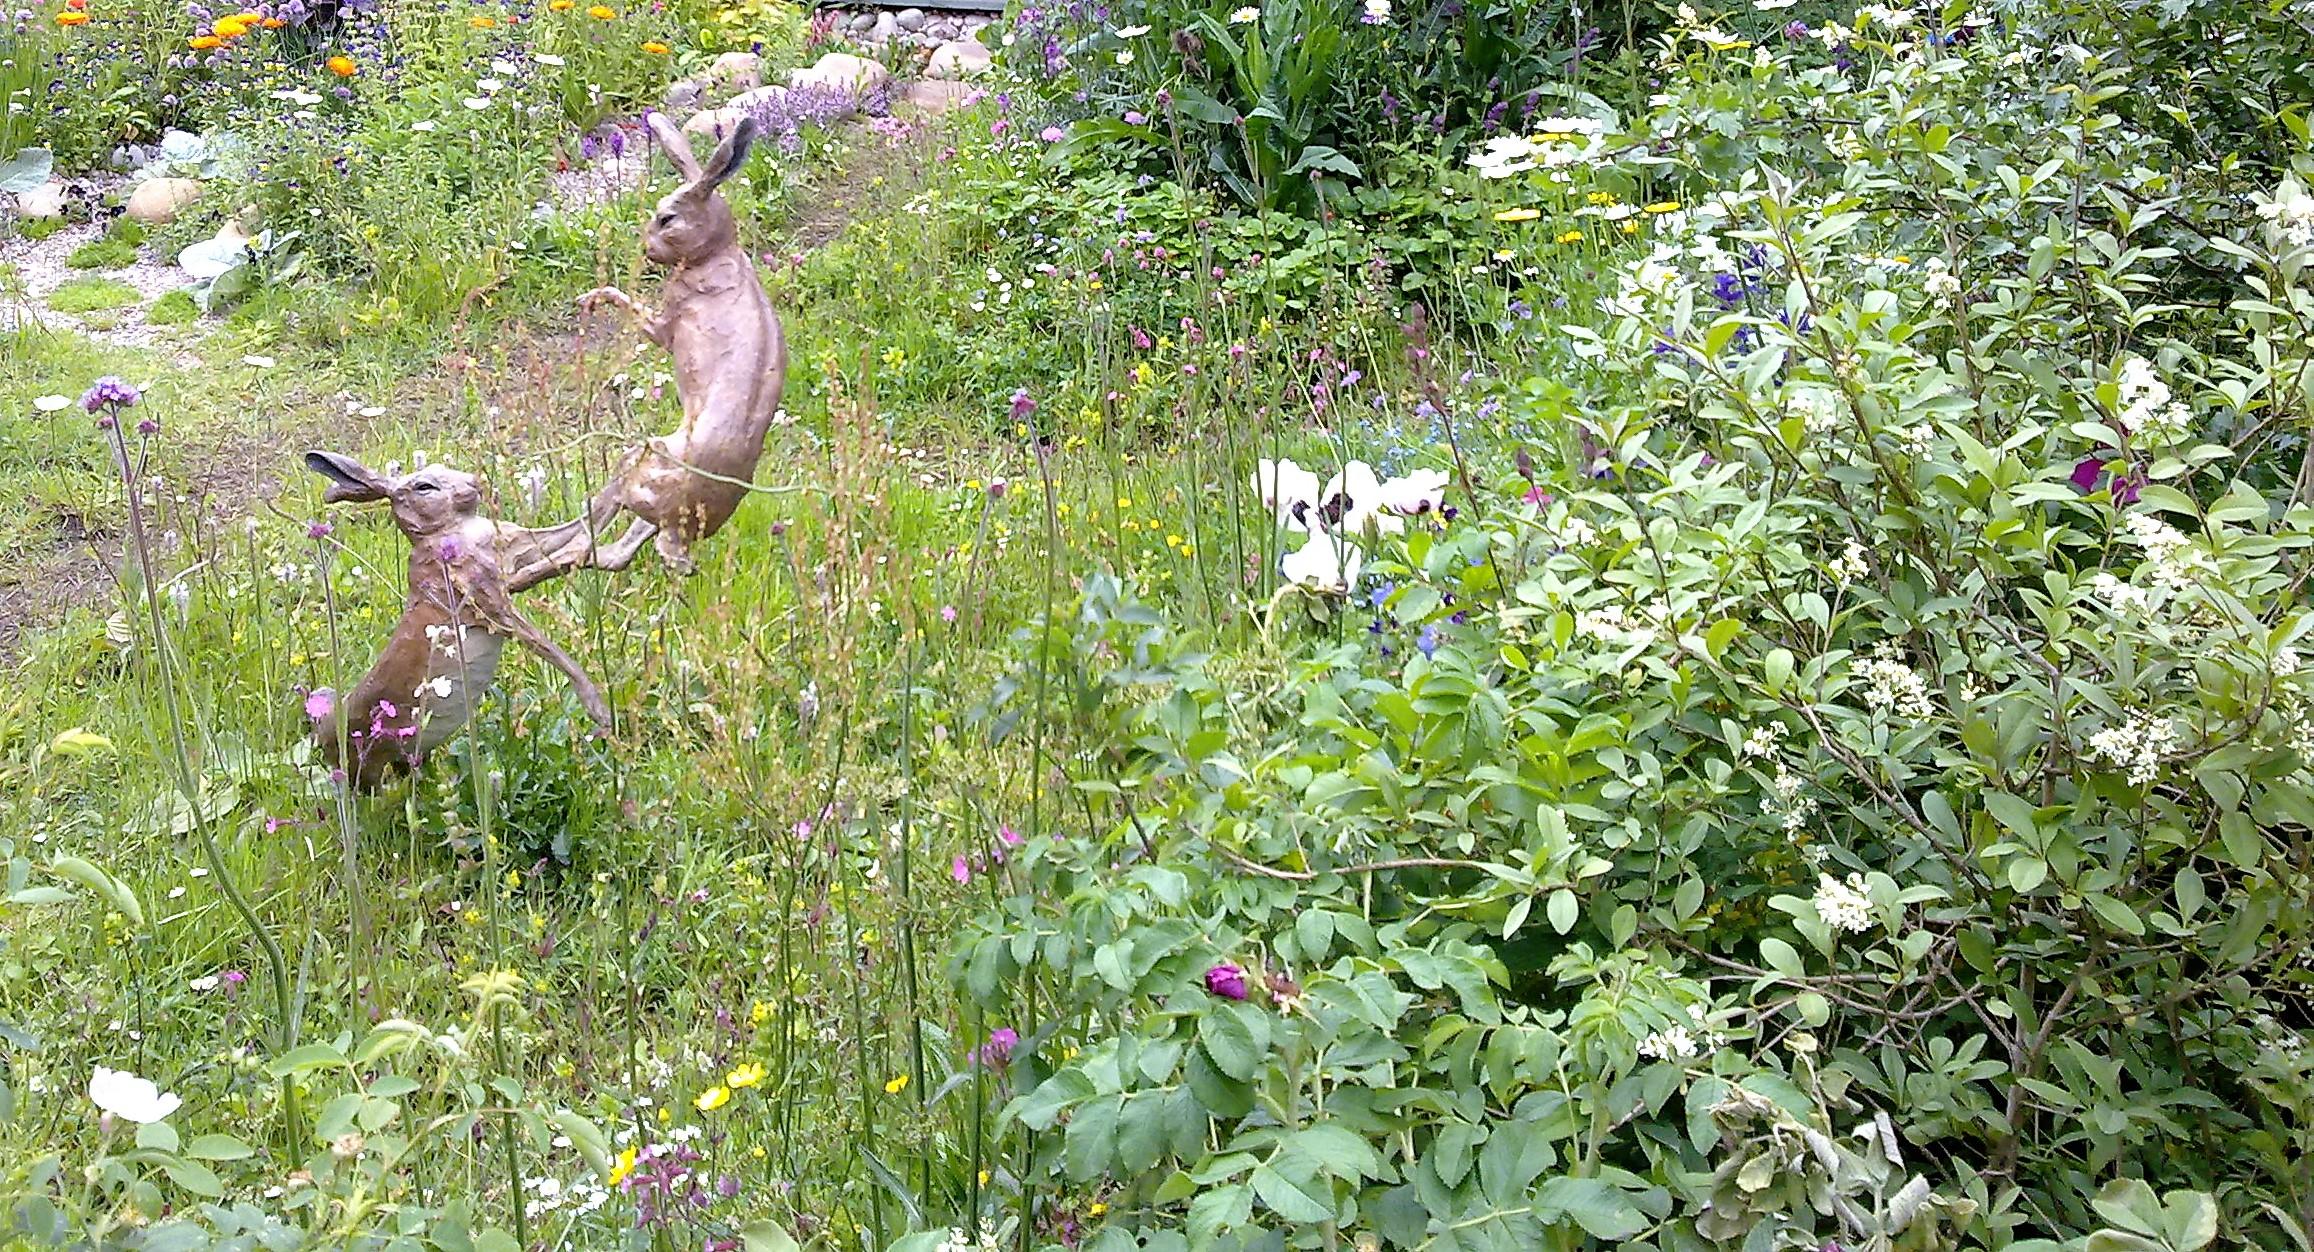 Rhs level ii online course garden planning for Garden design qualifications